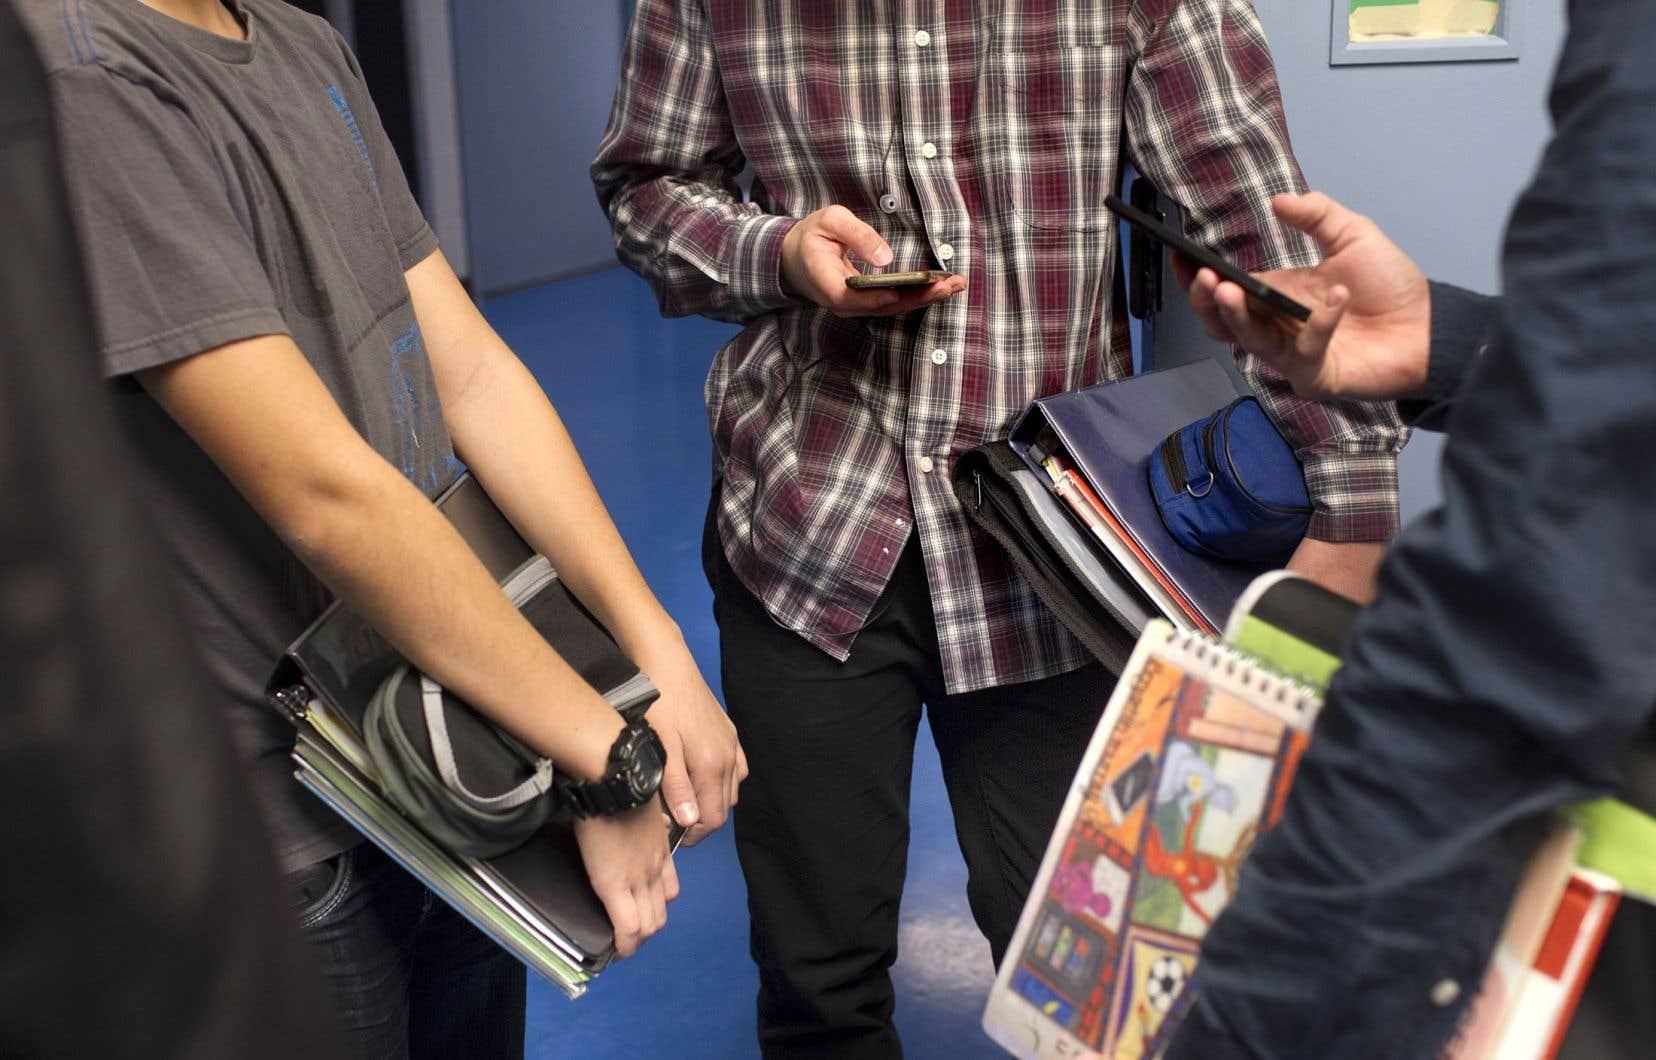 Le gouvernement conservateur a mené des consultations sur l'éducation l'année dernière. Des informations ont été recueillies sur une éventuelle interdiction du téléphone cellulaire en classe.